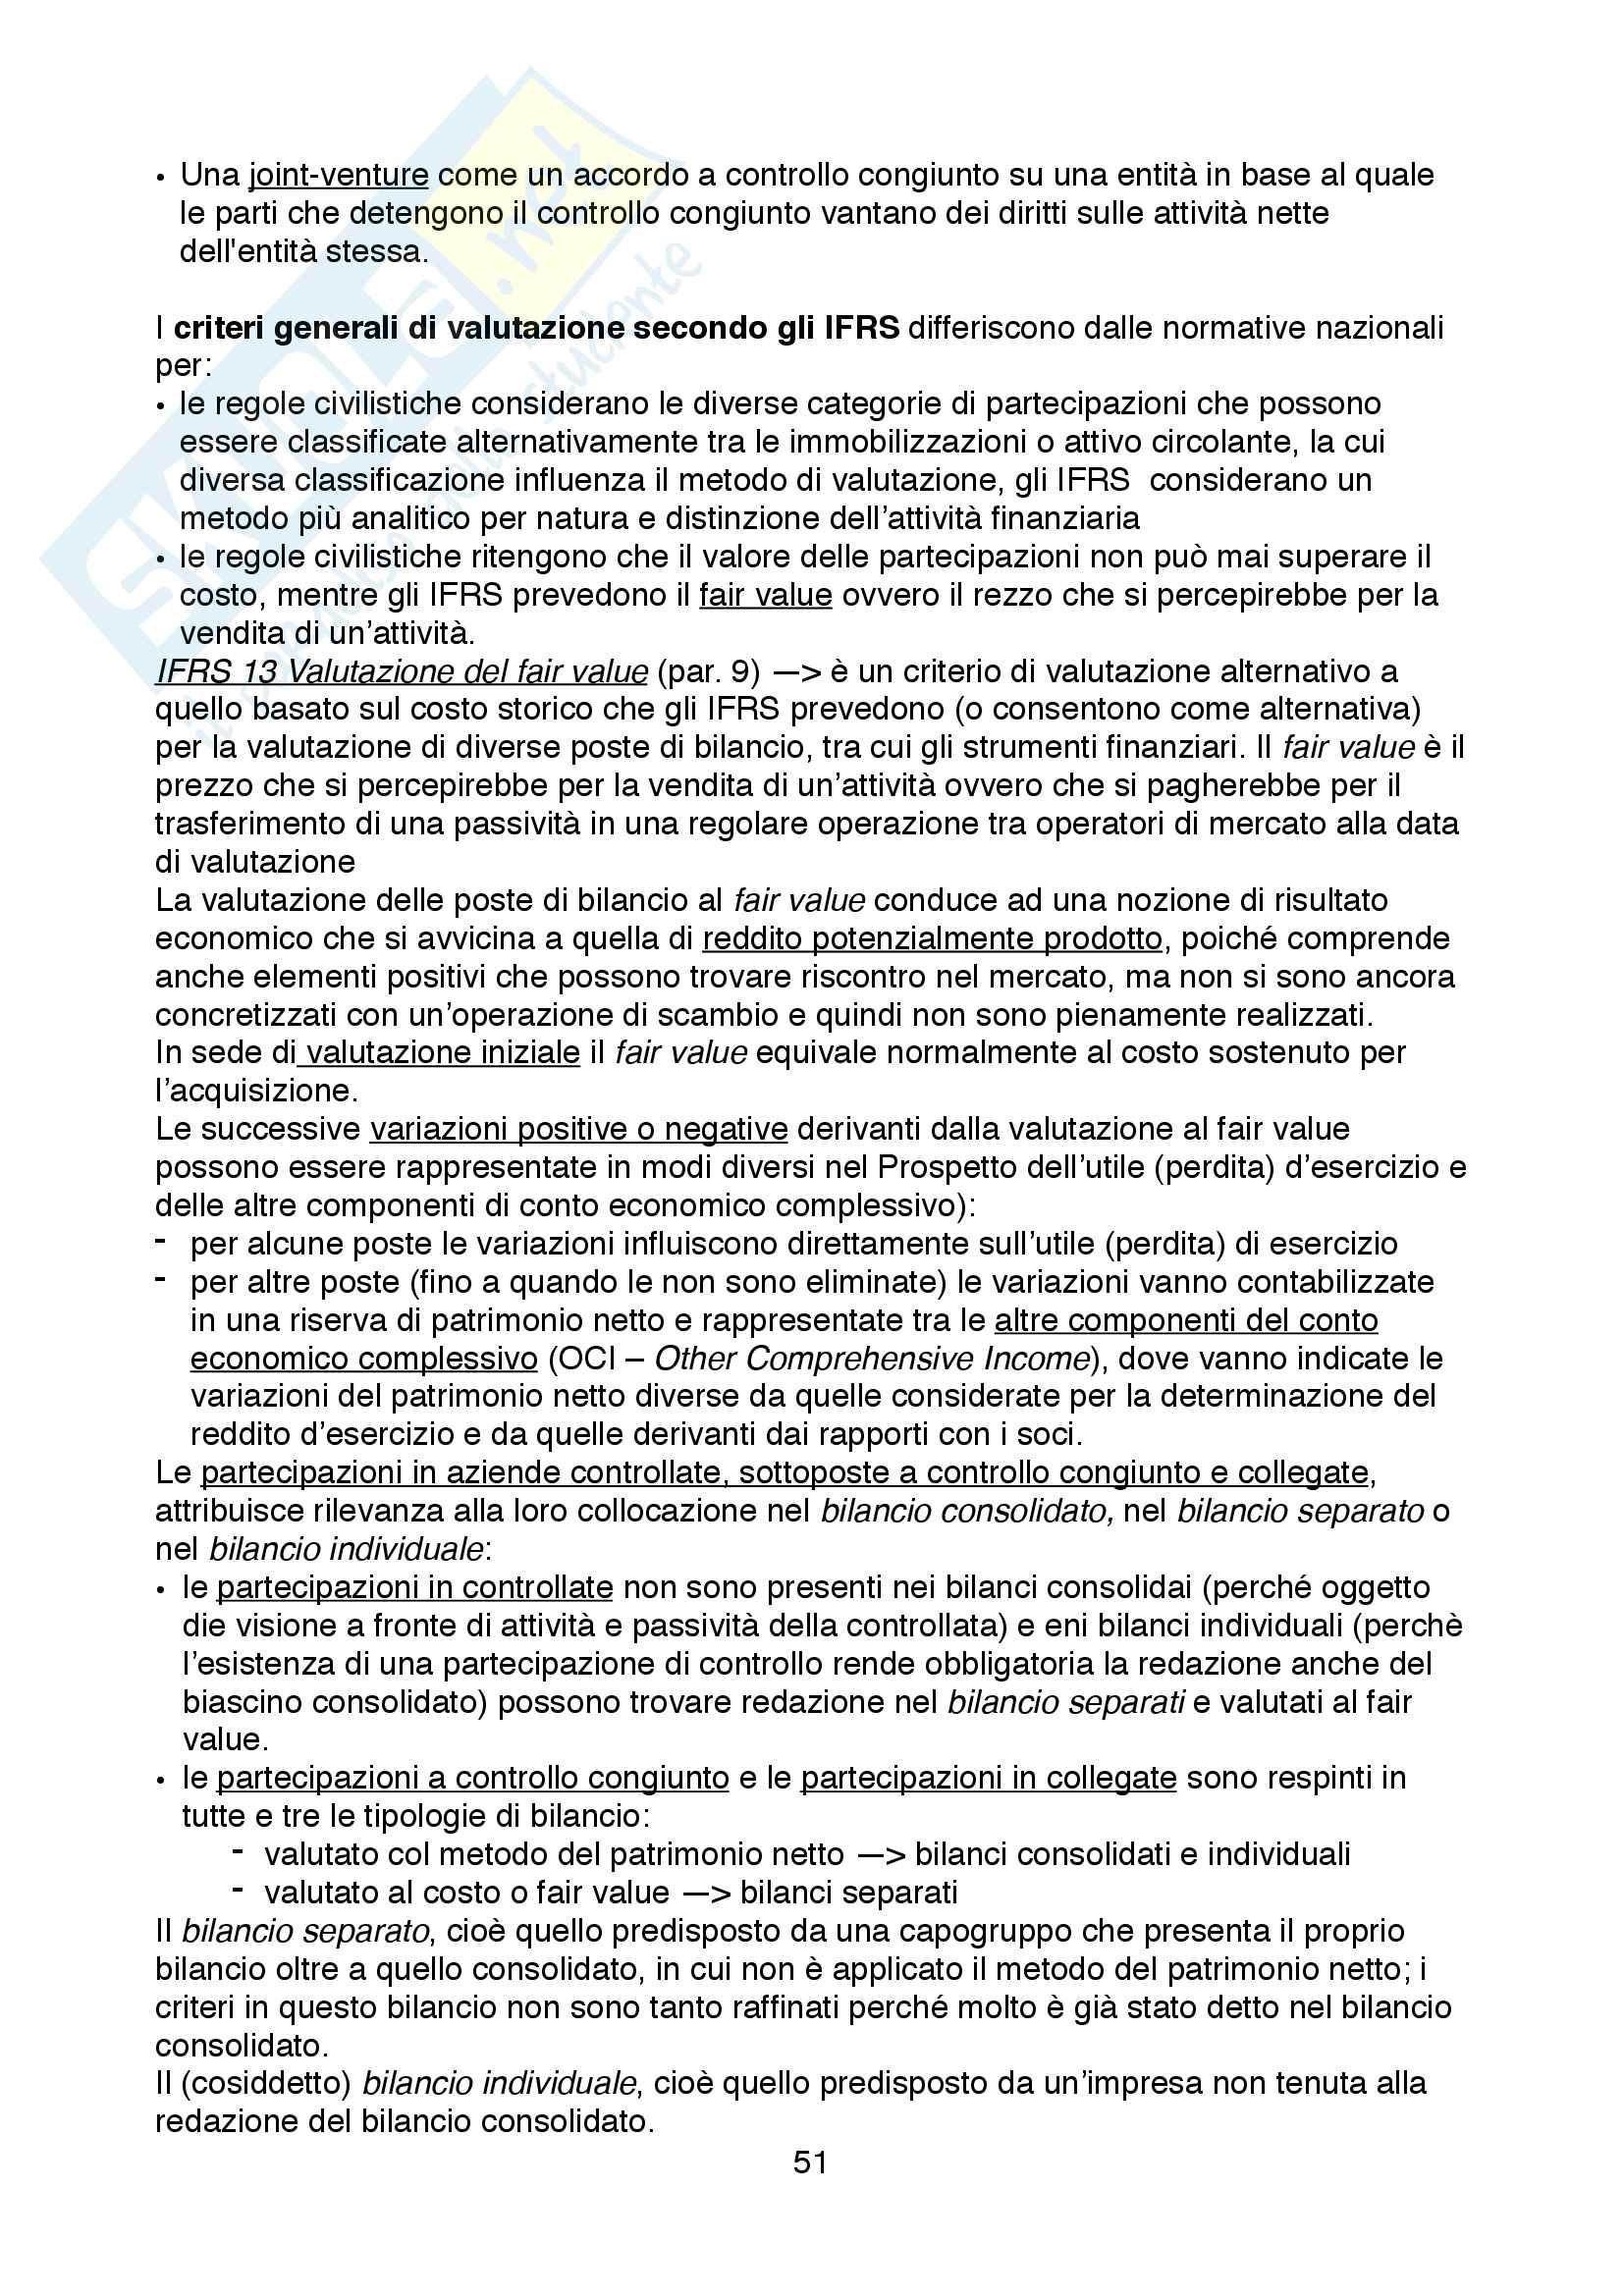 Appunti dettagliati su Bilancio dei gruppi, sufficienti a preparare l'Esame Pag. 51